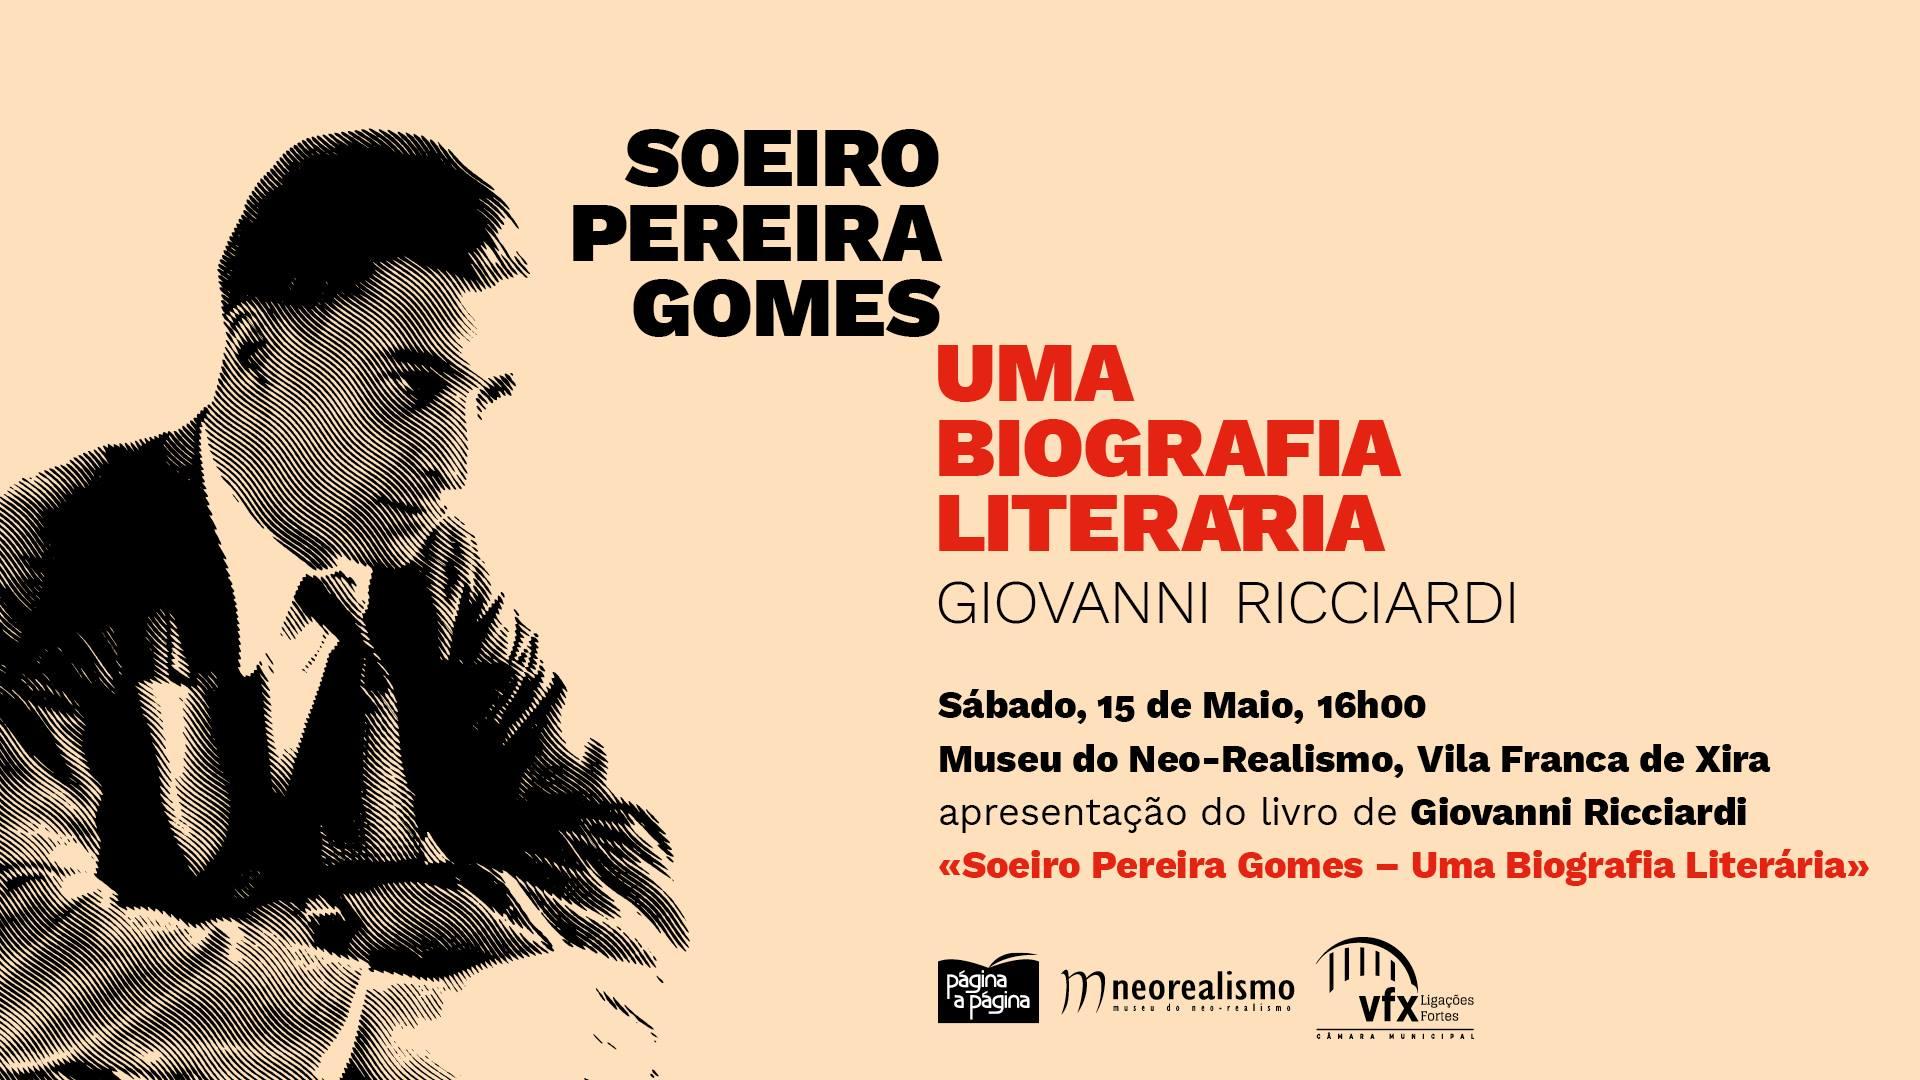 apresentação do livro de Giovanni Ricciardi «Soeiro Pereira Gomes – Uma Biografia Literária»